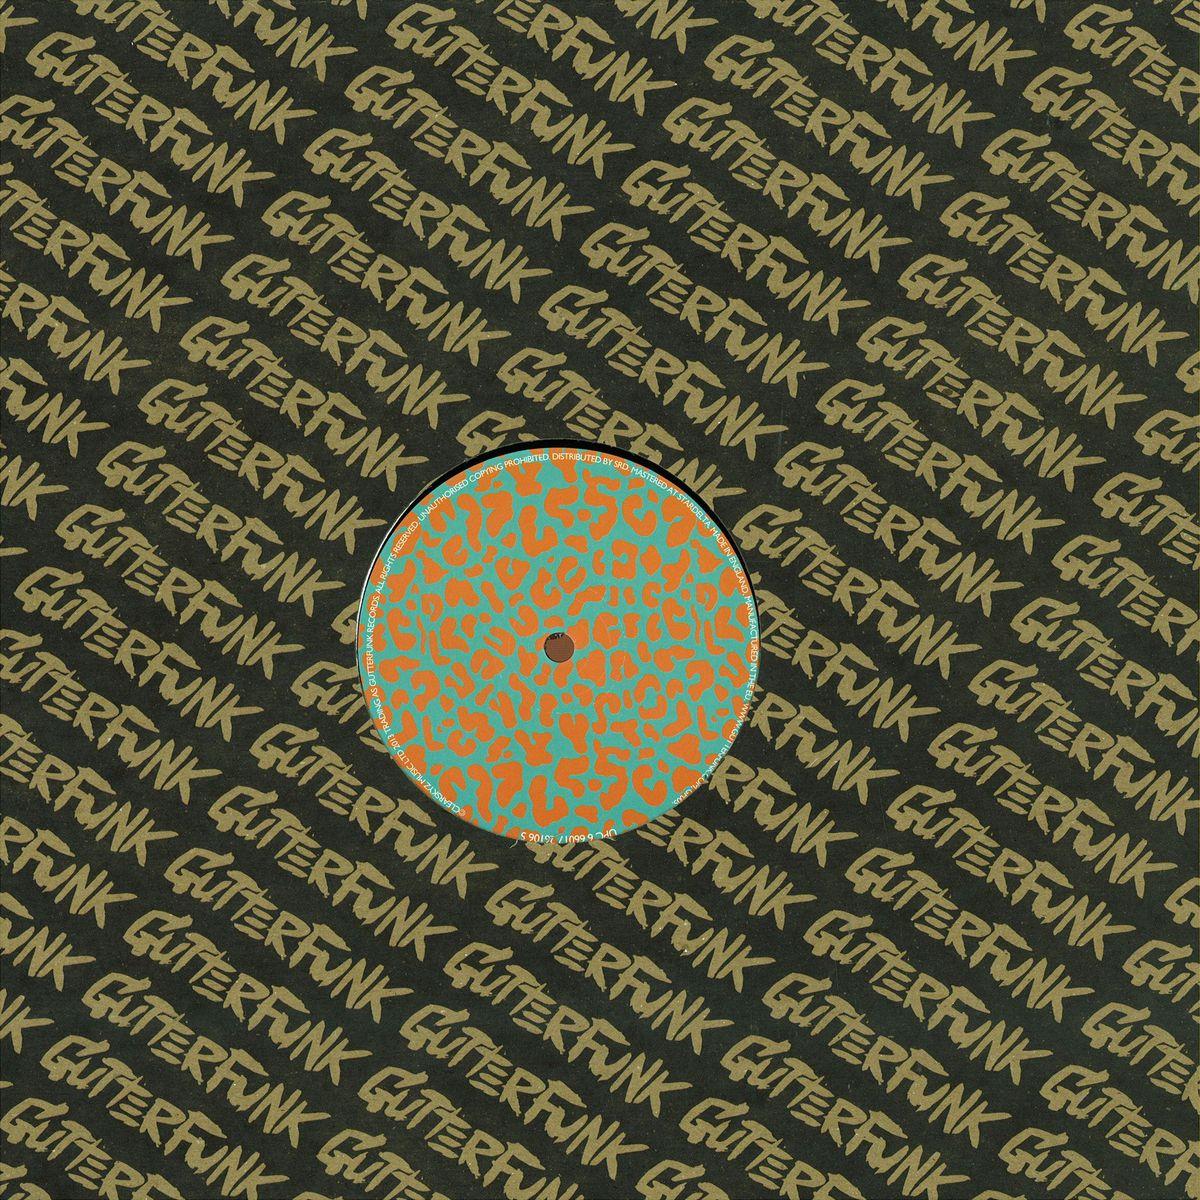 deejay de - Gutterfunk Recordings